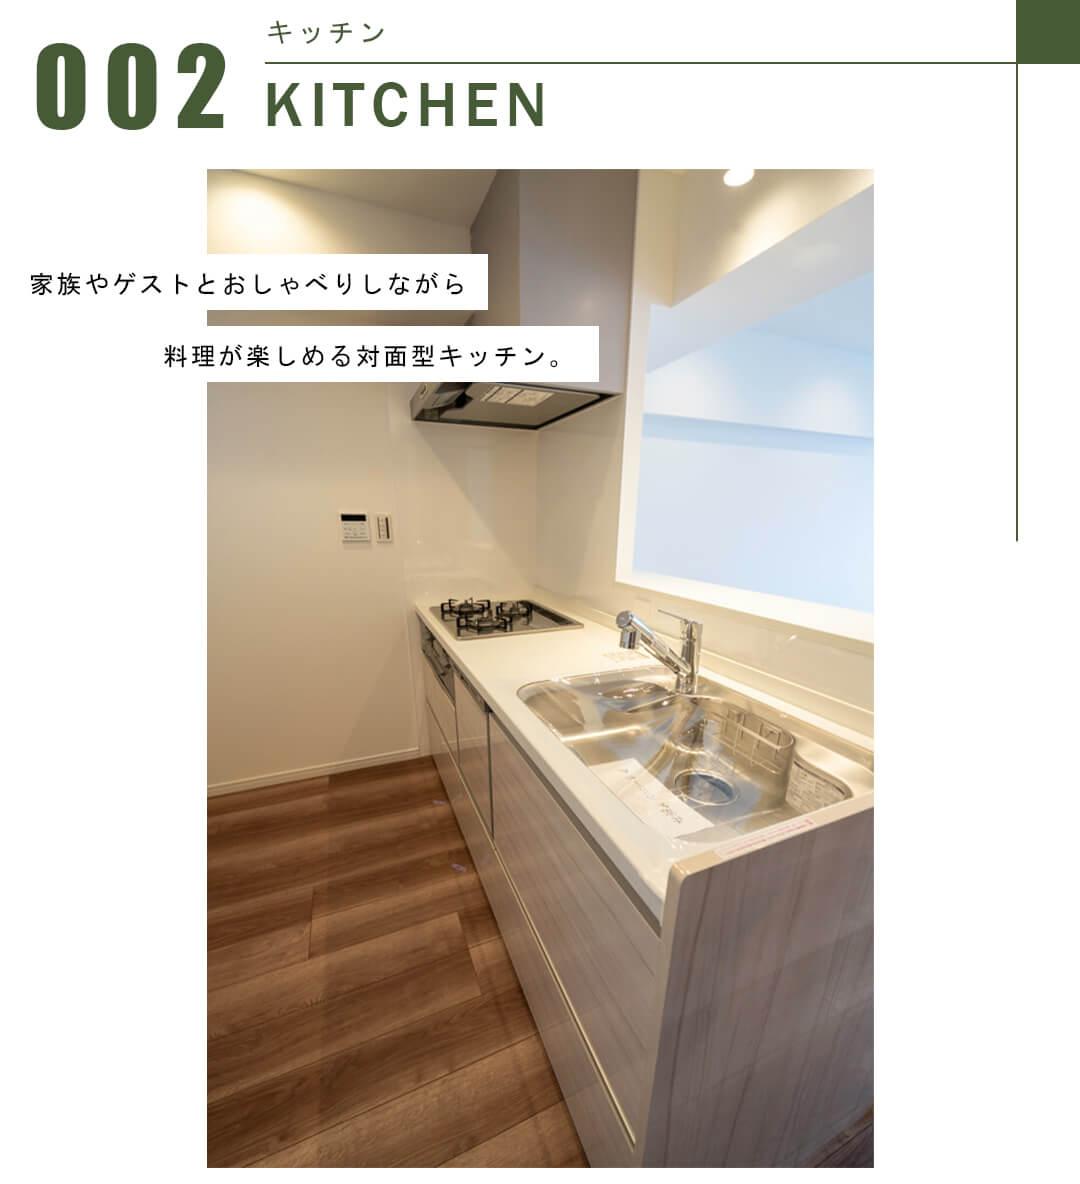 メゾンドール明石のキッチン